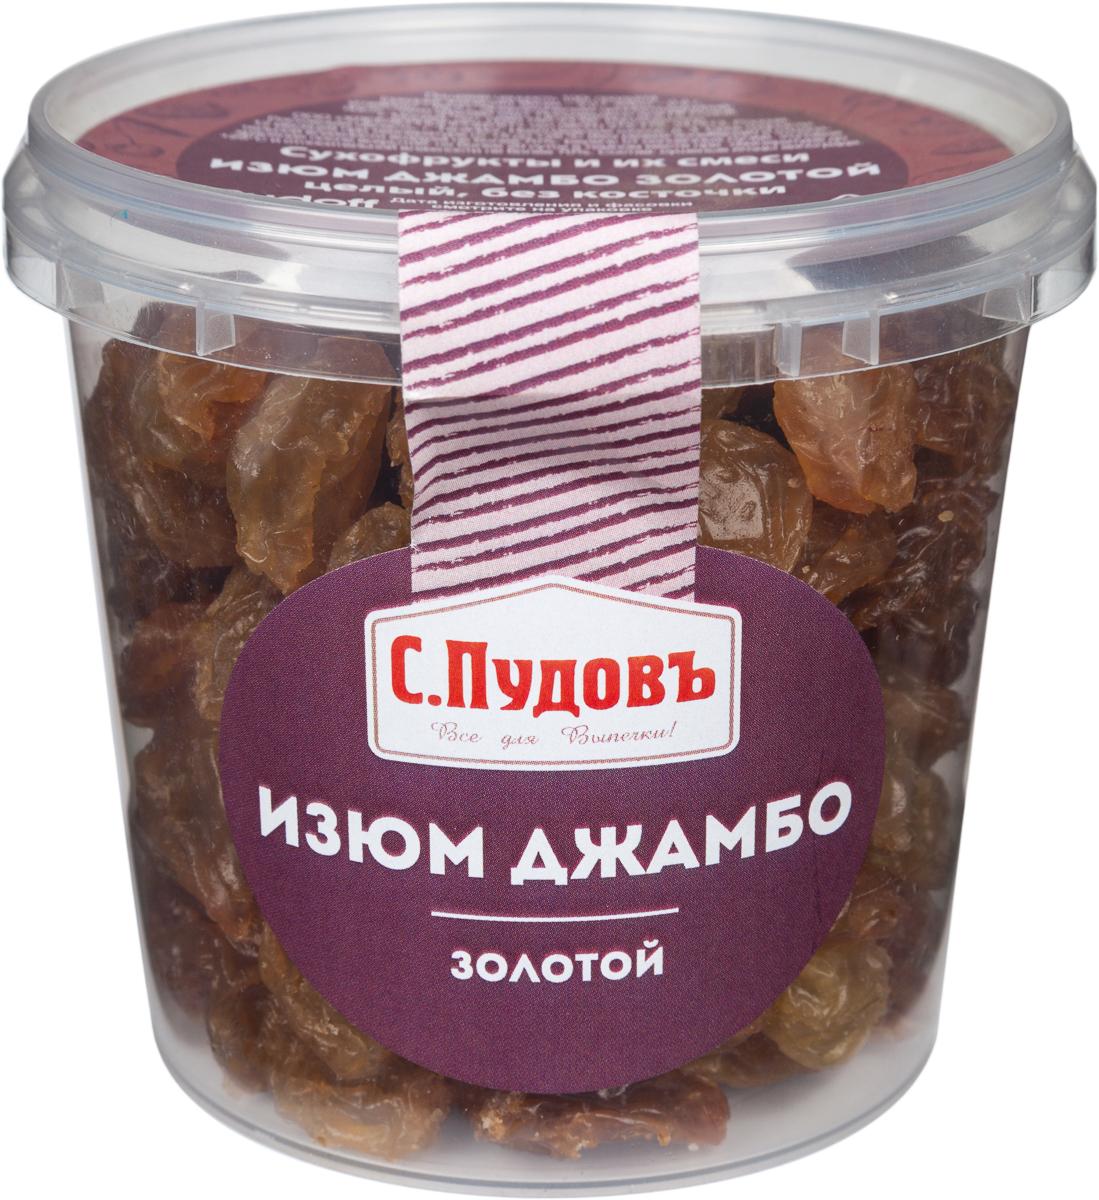 Пудовъ изюм Джамбо золотой, 190 г4607012297754Изюм Джамбо от торговой марки С. Пудовъ - это один из самых полезных сортов изюма. Подойдет не только для добавления в блюда, но и для их украшения. Изюм Джамбо обладает приятным уникальным вкусом.